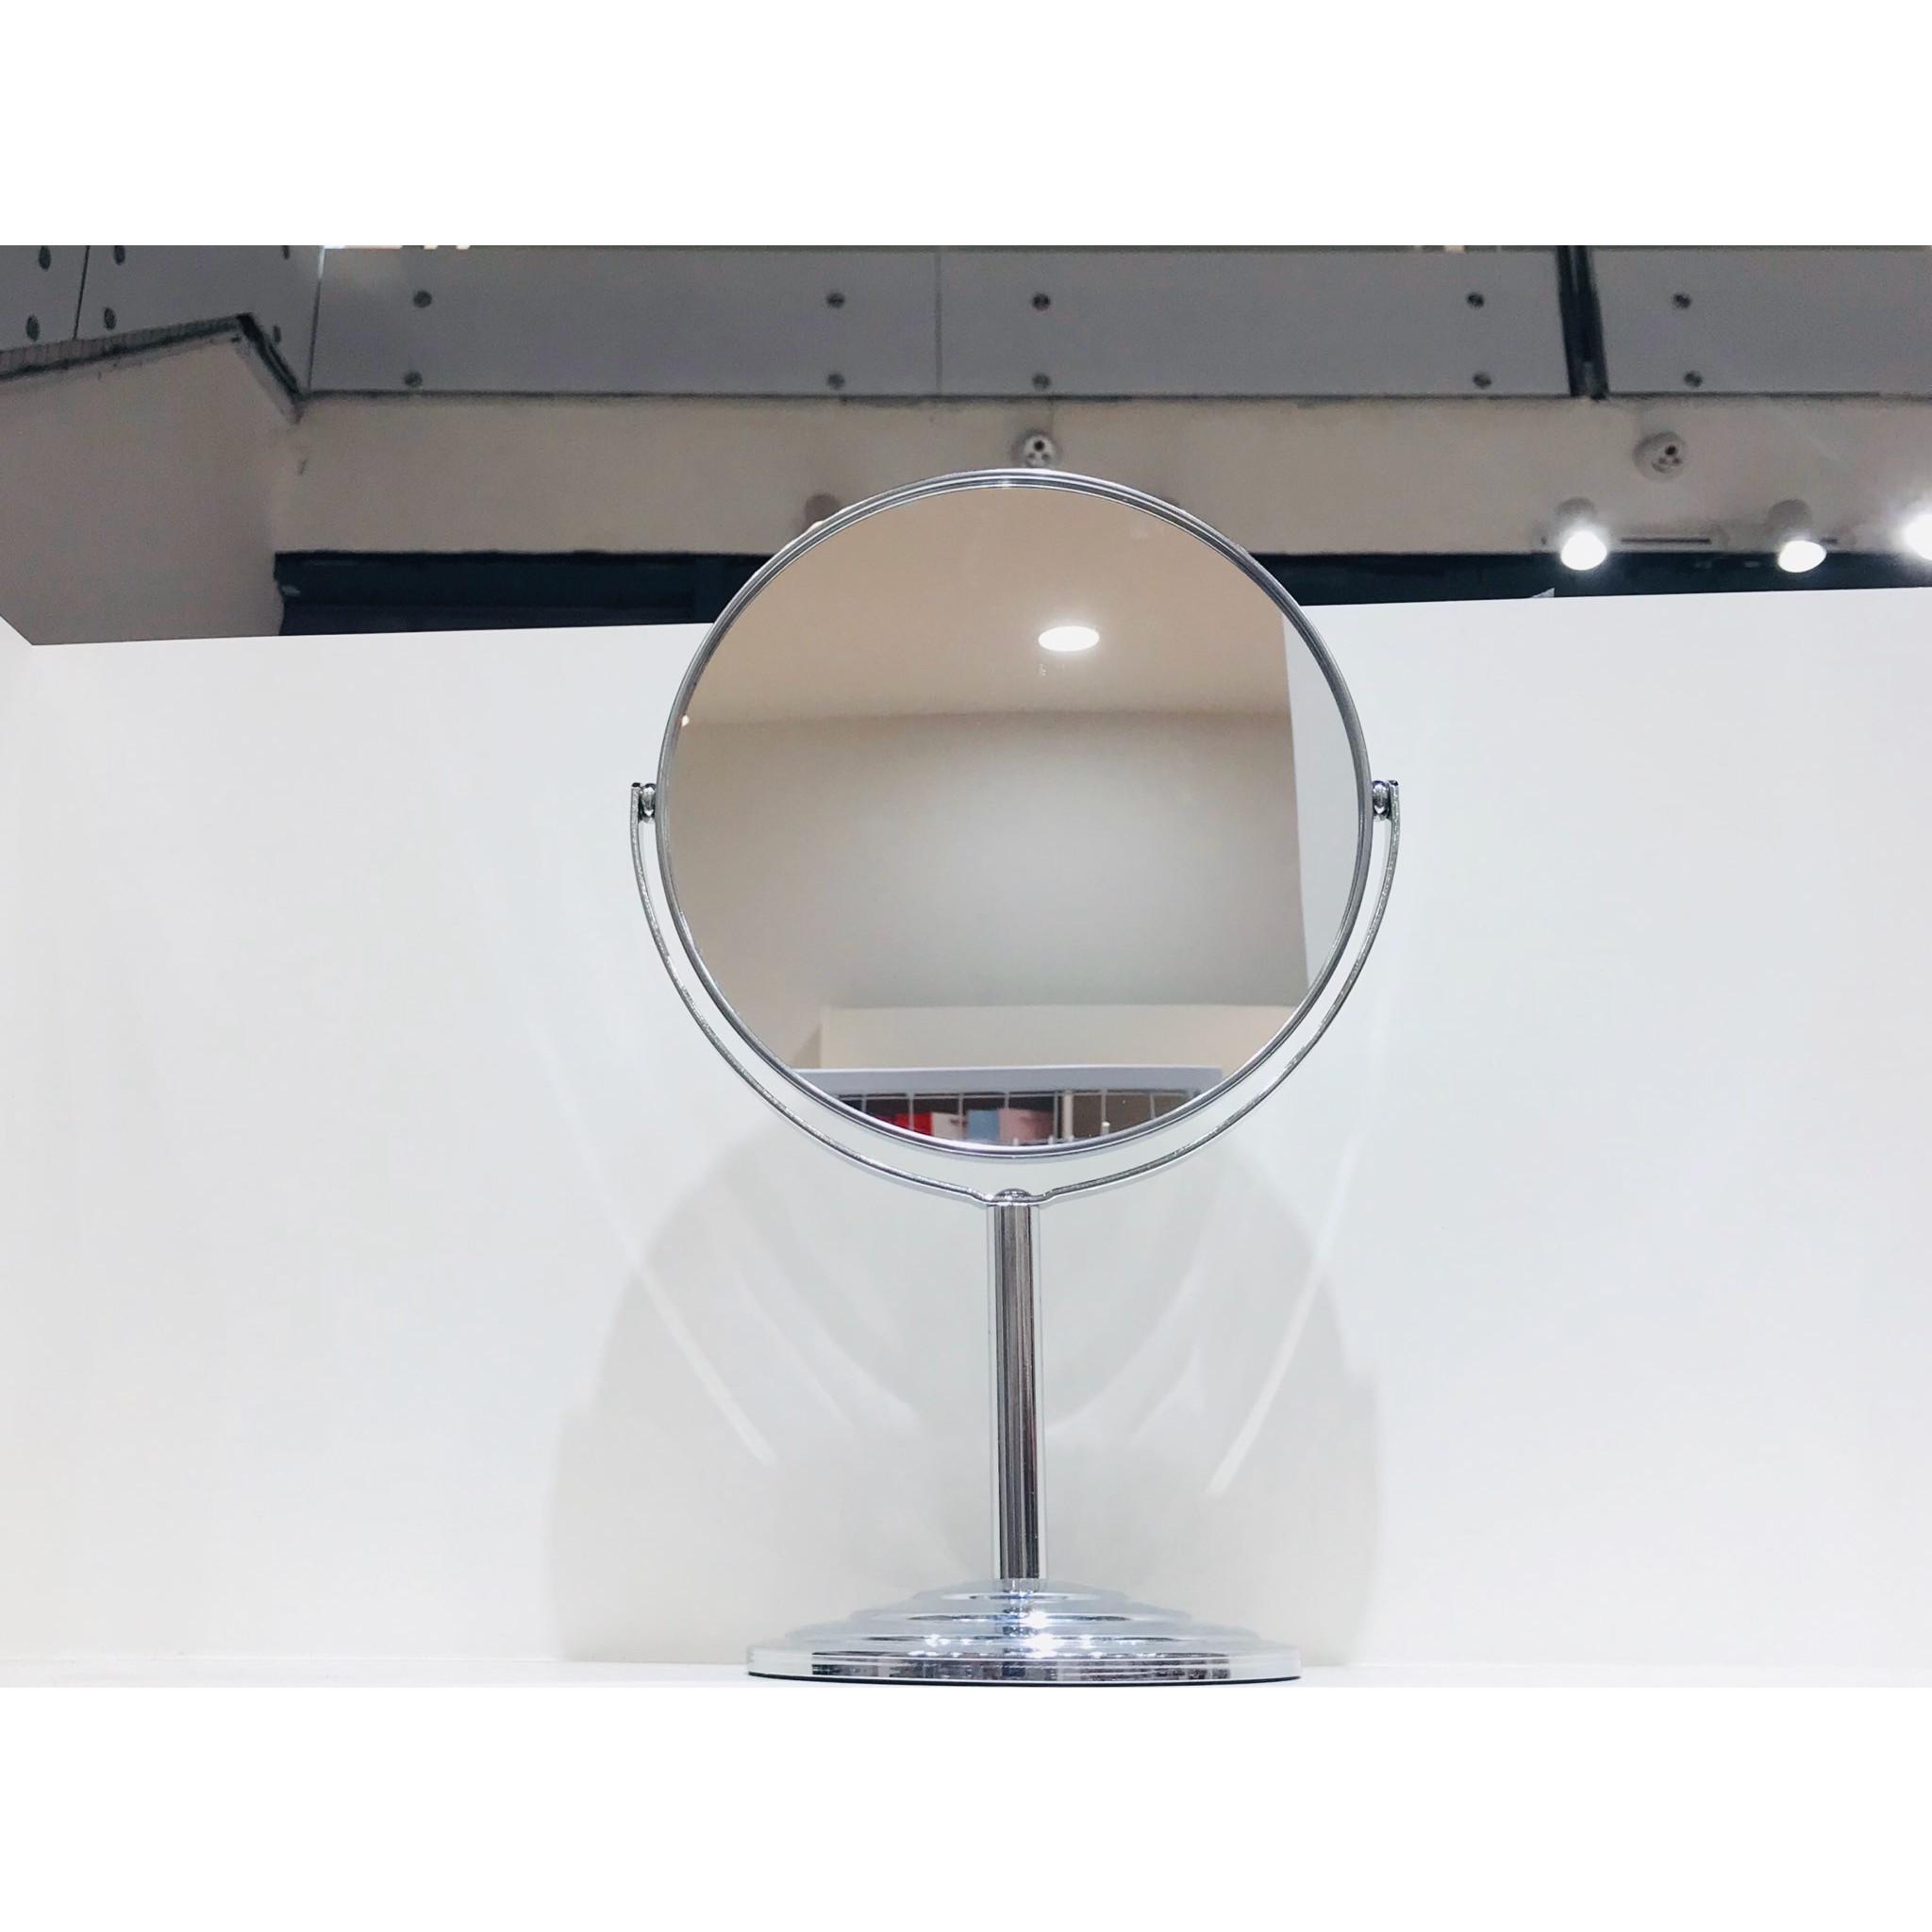 Gương để bàn tròn inox 2 mặt cao cấp